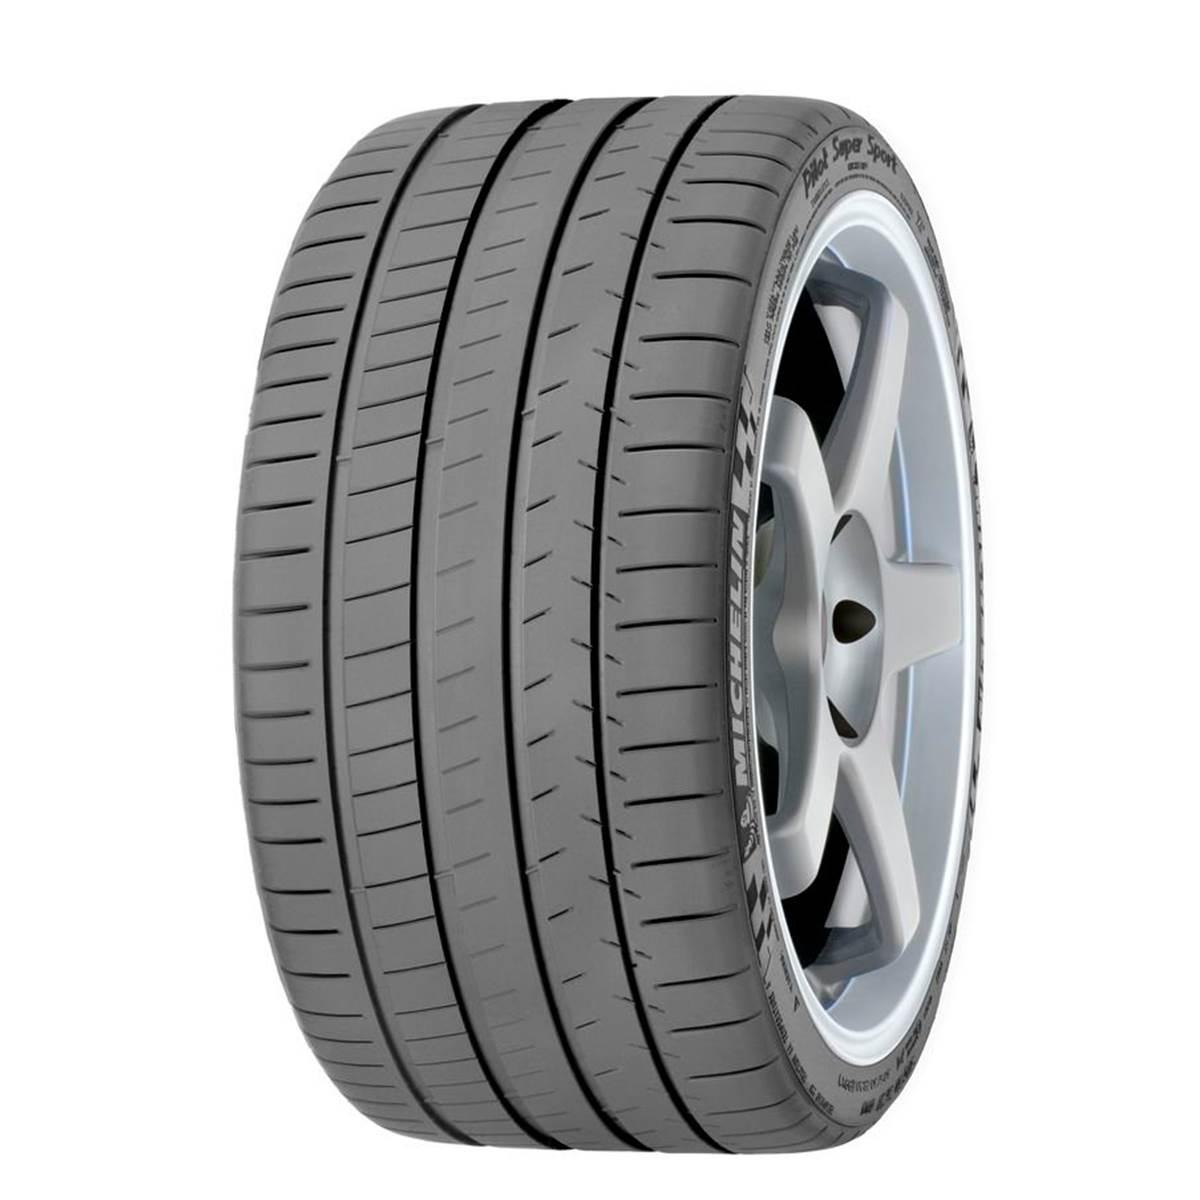 Pneu Runflat Michelin 245/40R21 96Y Pilot Super Sport Zp